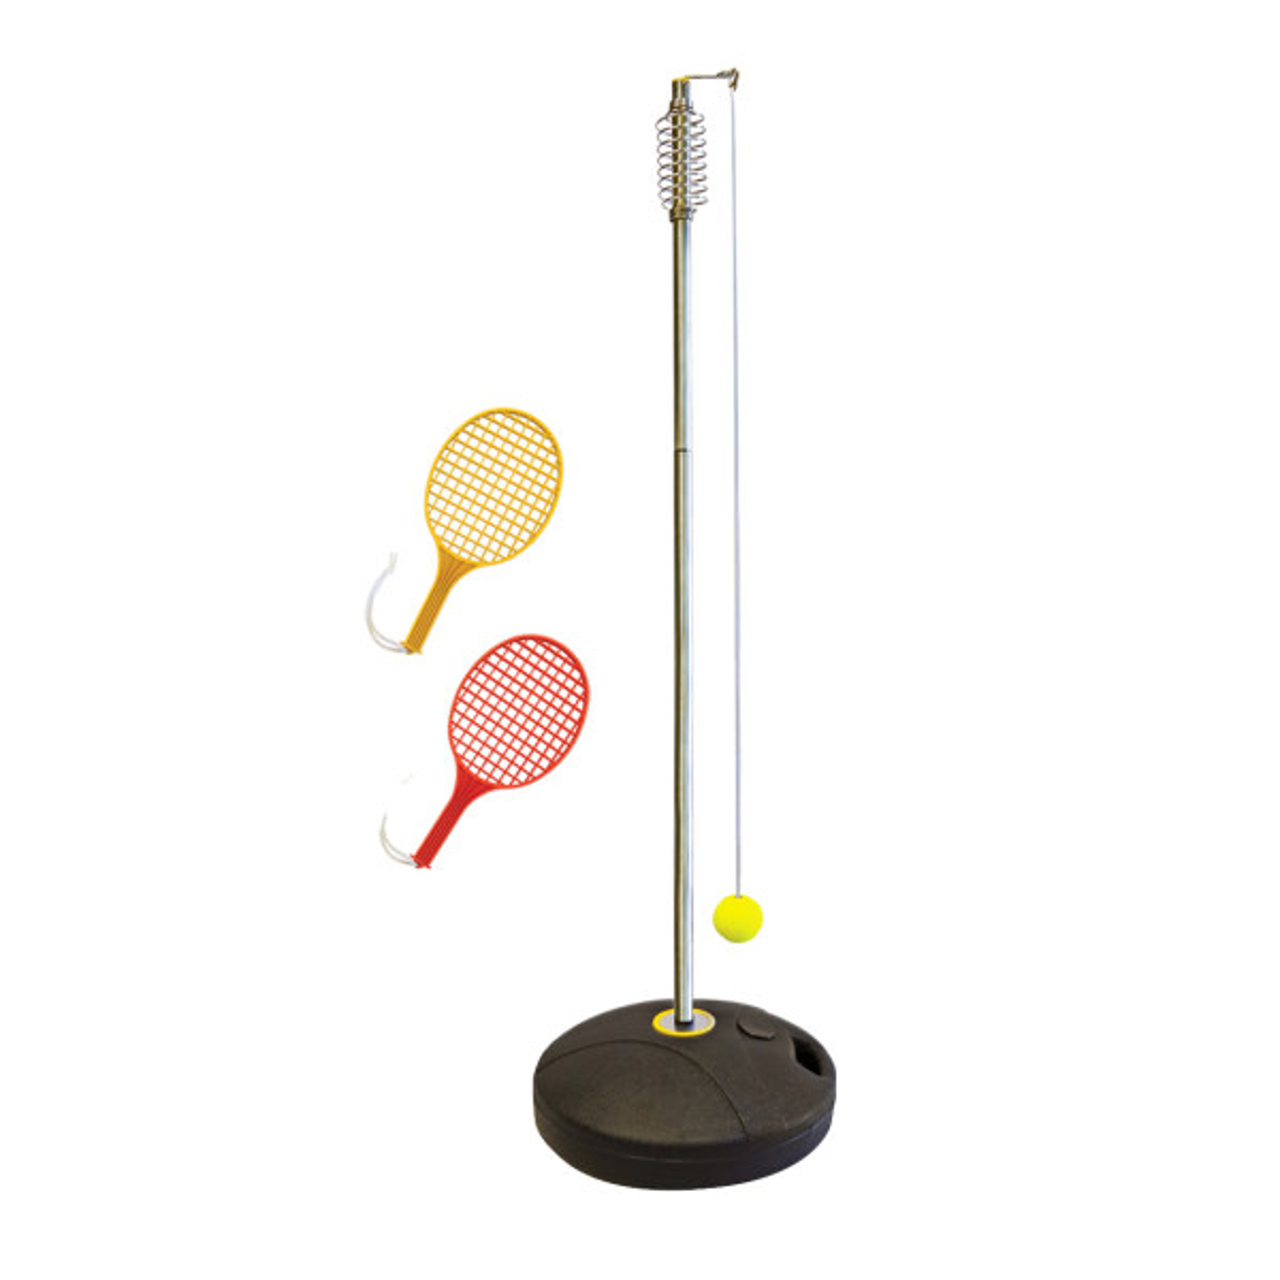 اسباب بازی ورزشی تن زیب مدل ToopTaab